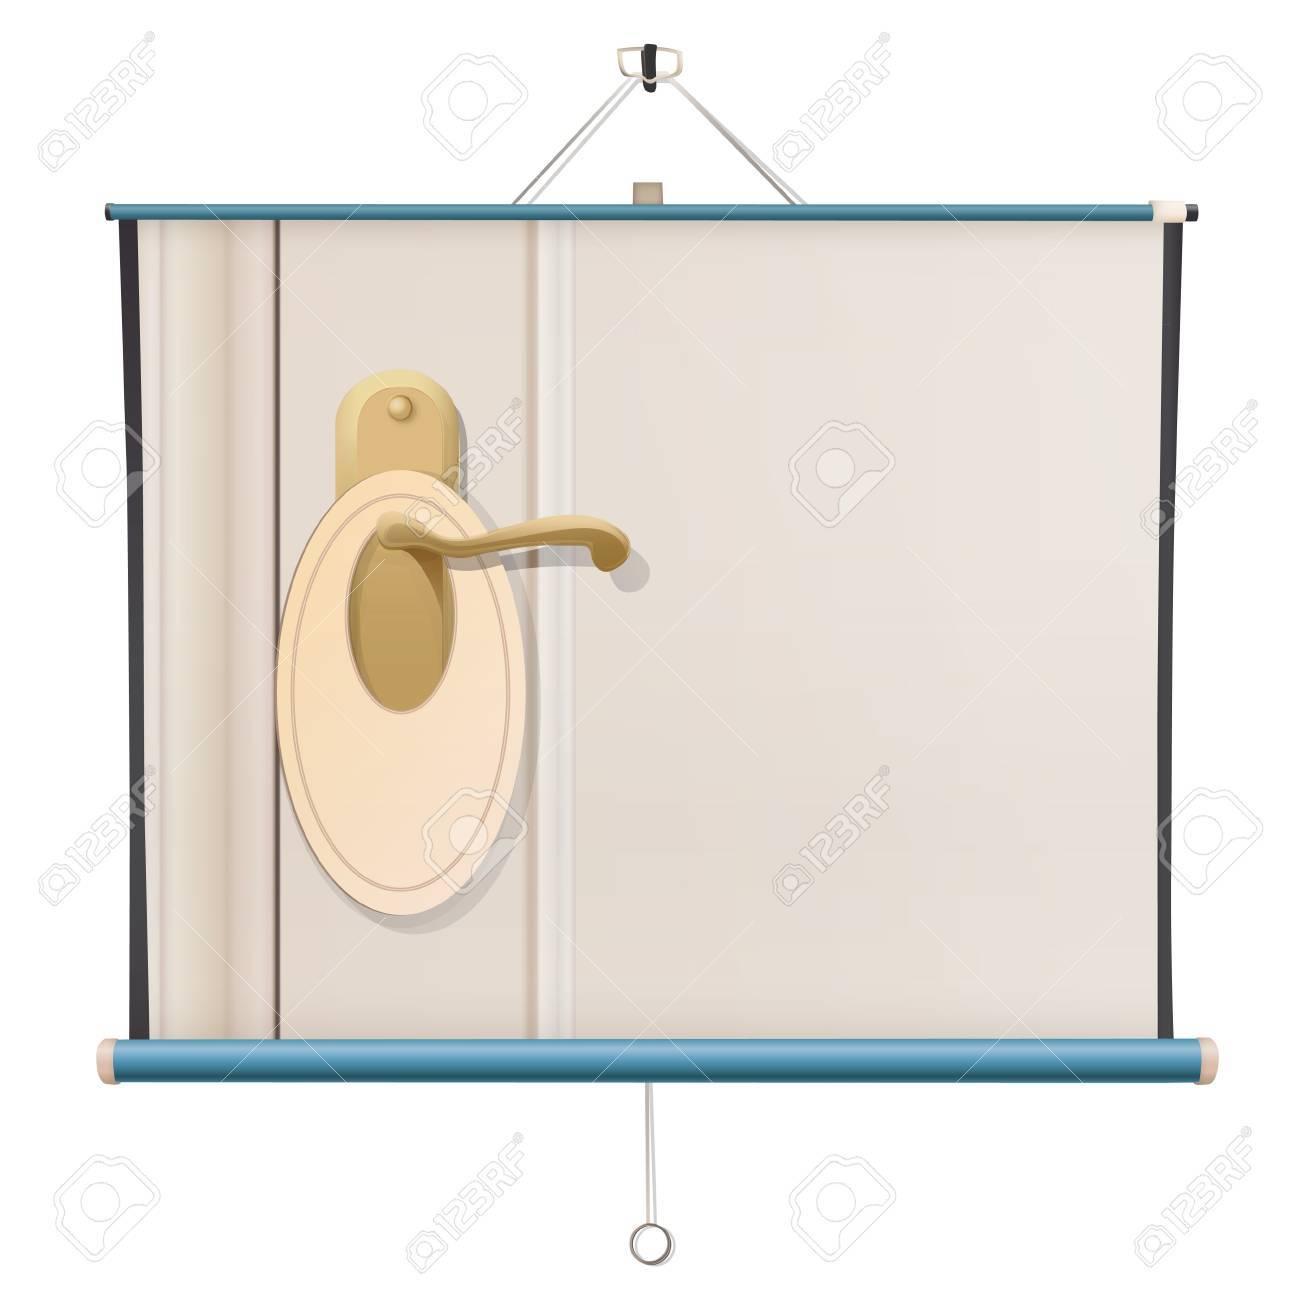 Doorknob on project screen. Vector design Stock Vector - 21025114